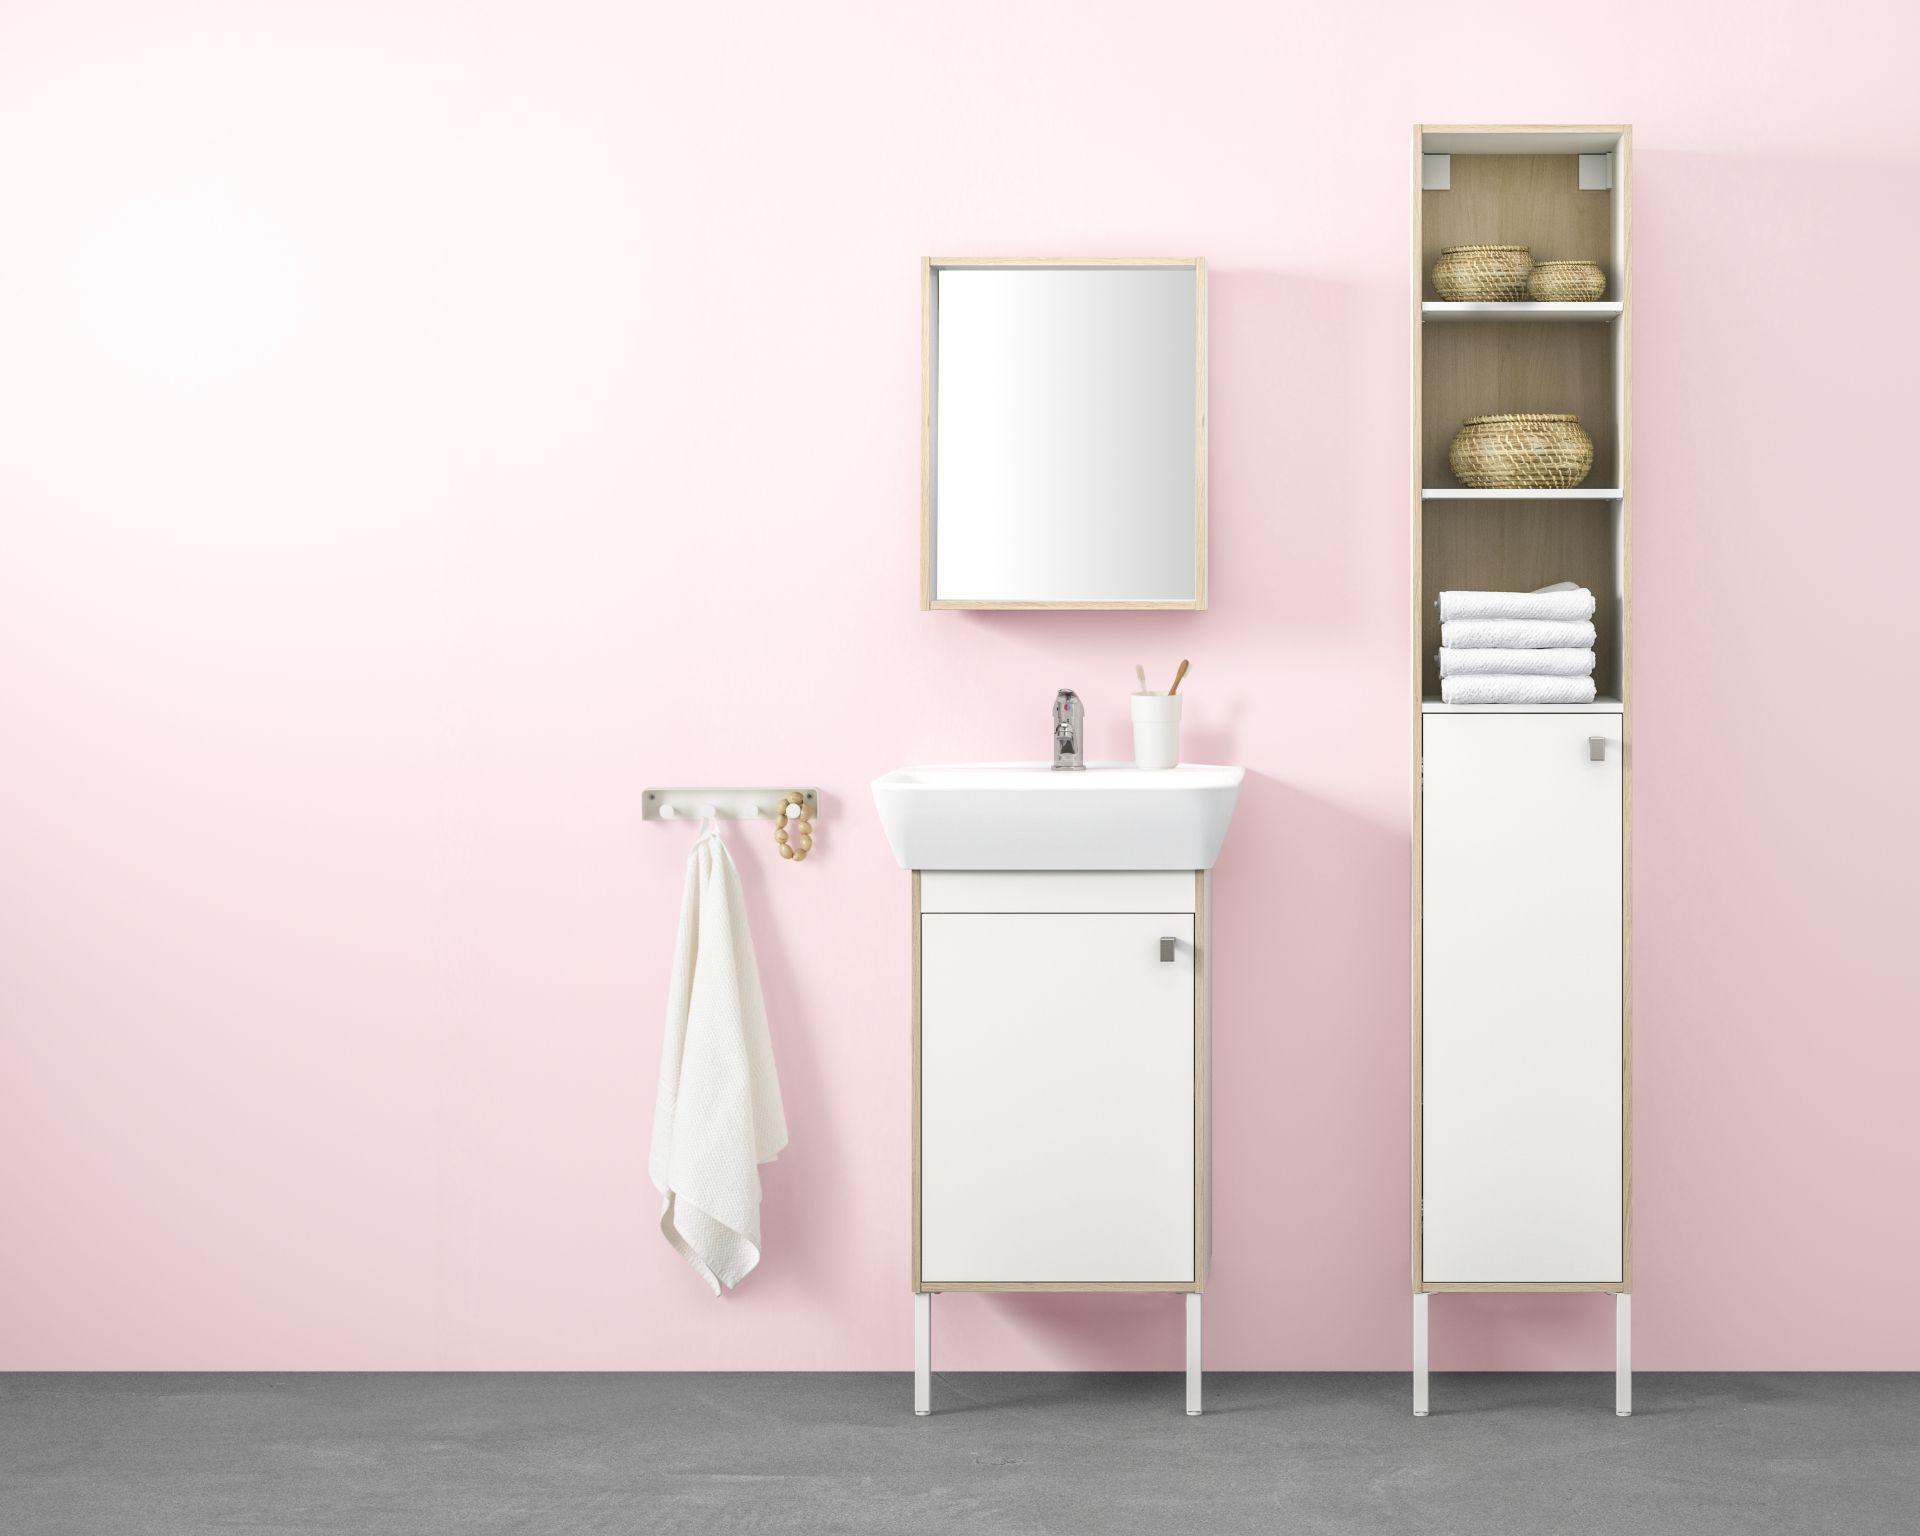 TYNGEN wastafelcombinatie | IKEAcatalogus nieuw 2018 IKEA IKEAnl ...